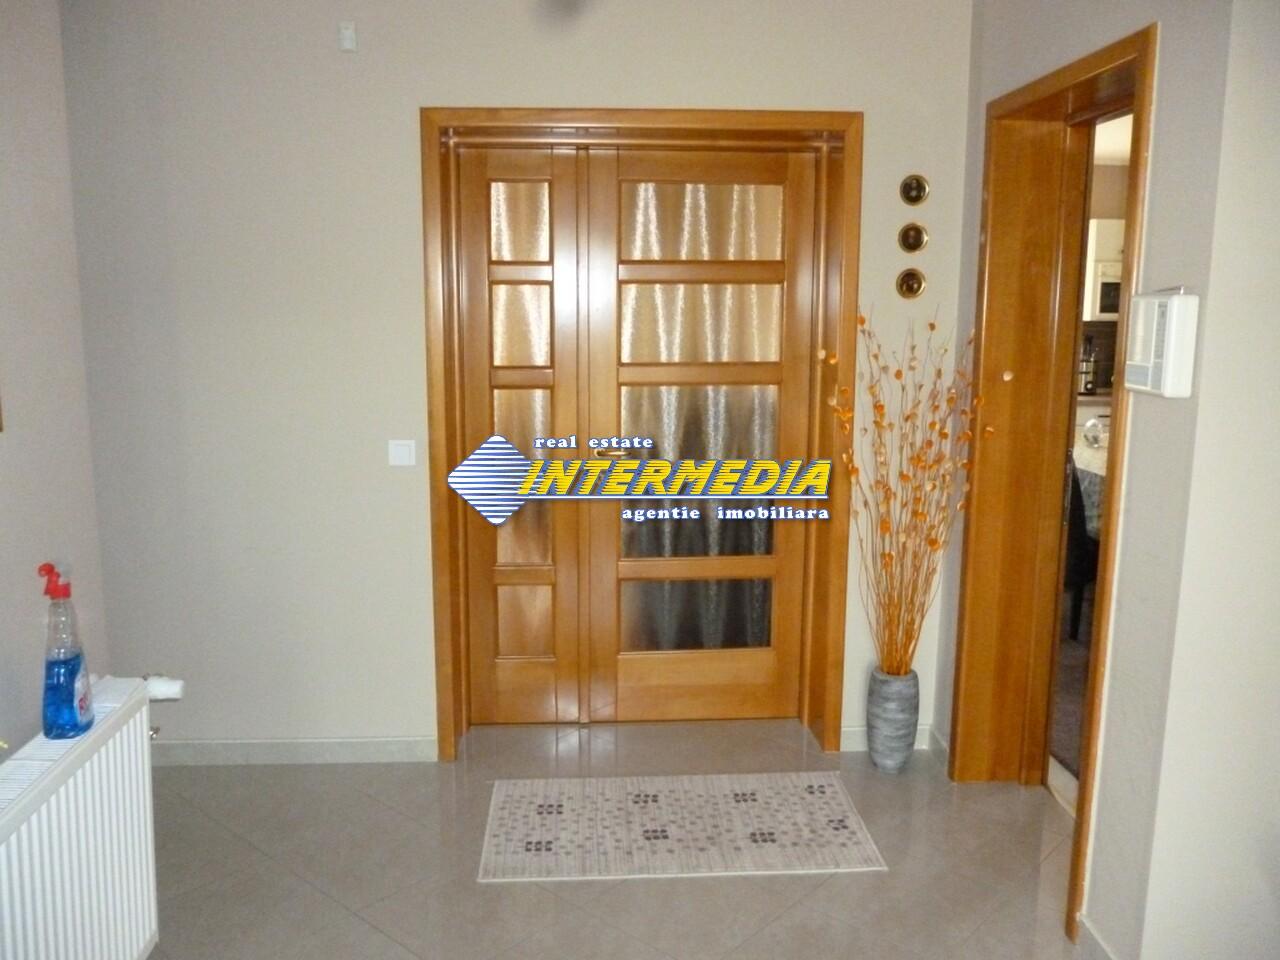 Casa de vanzare Cetate Alba Iulia-22460-4